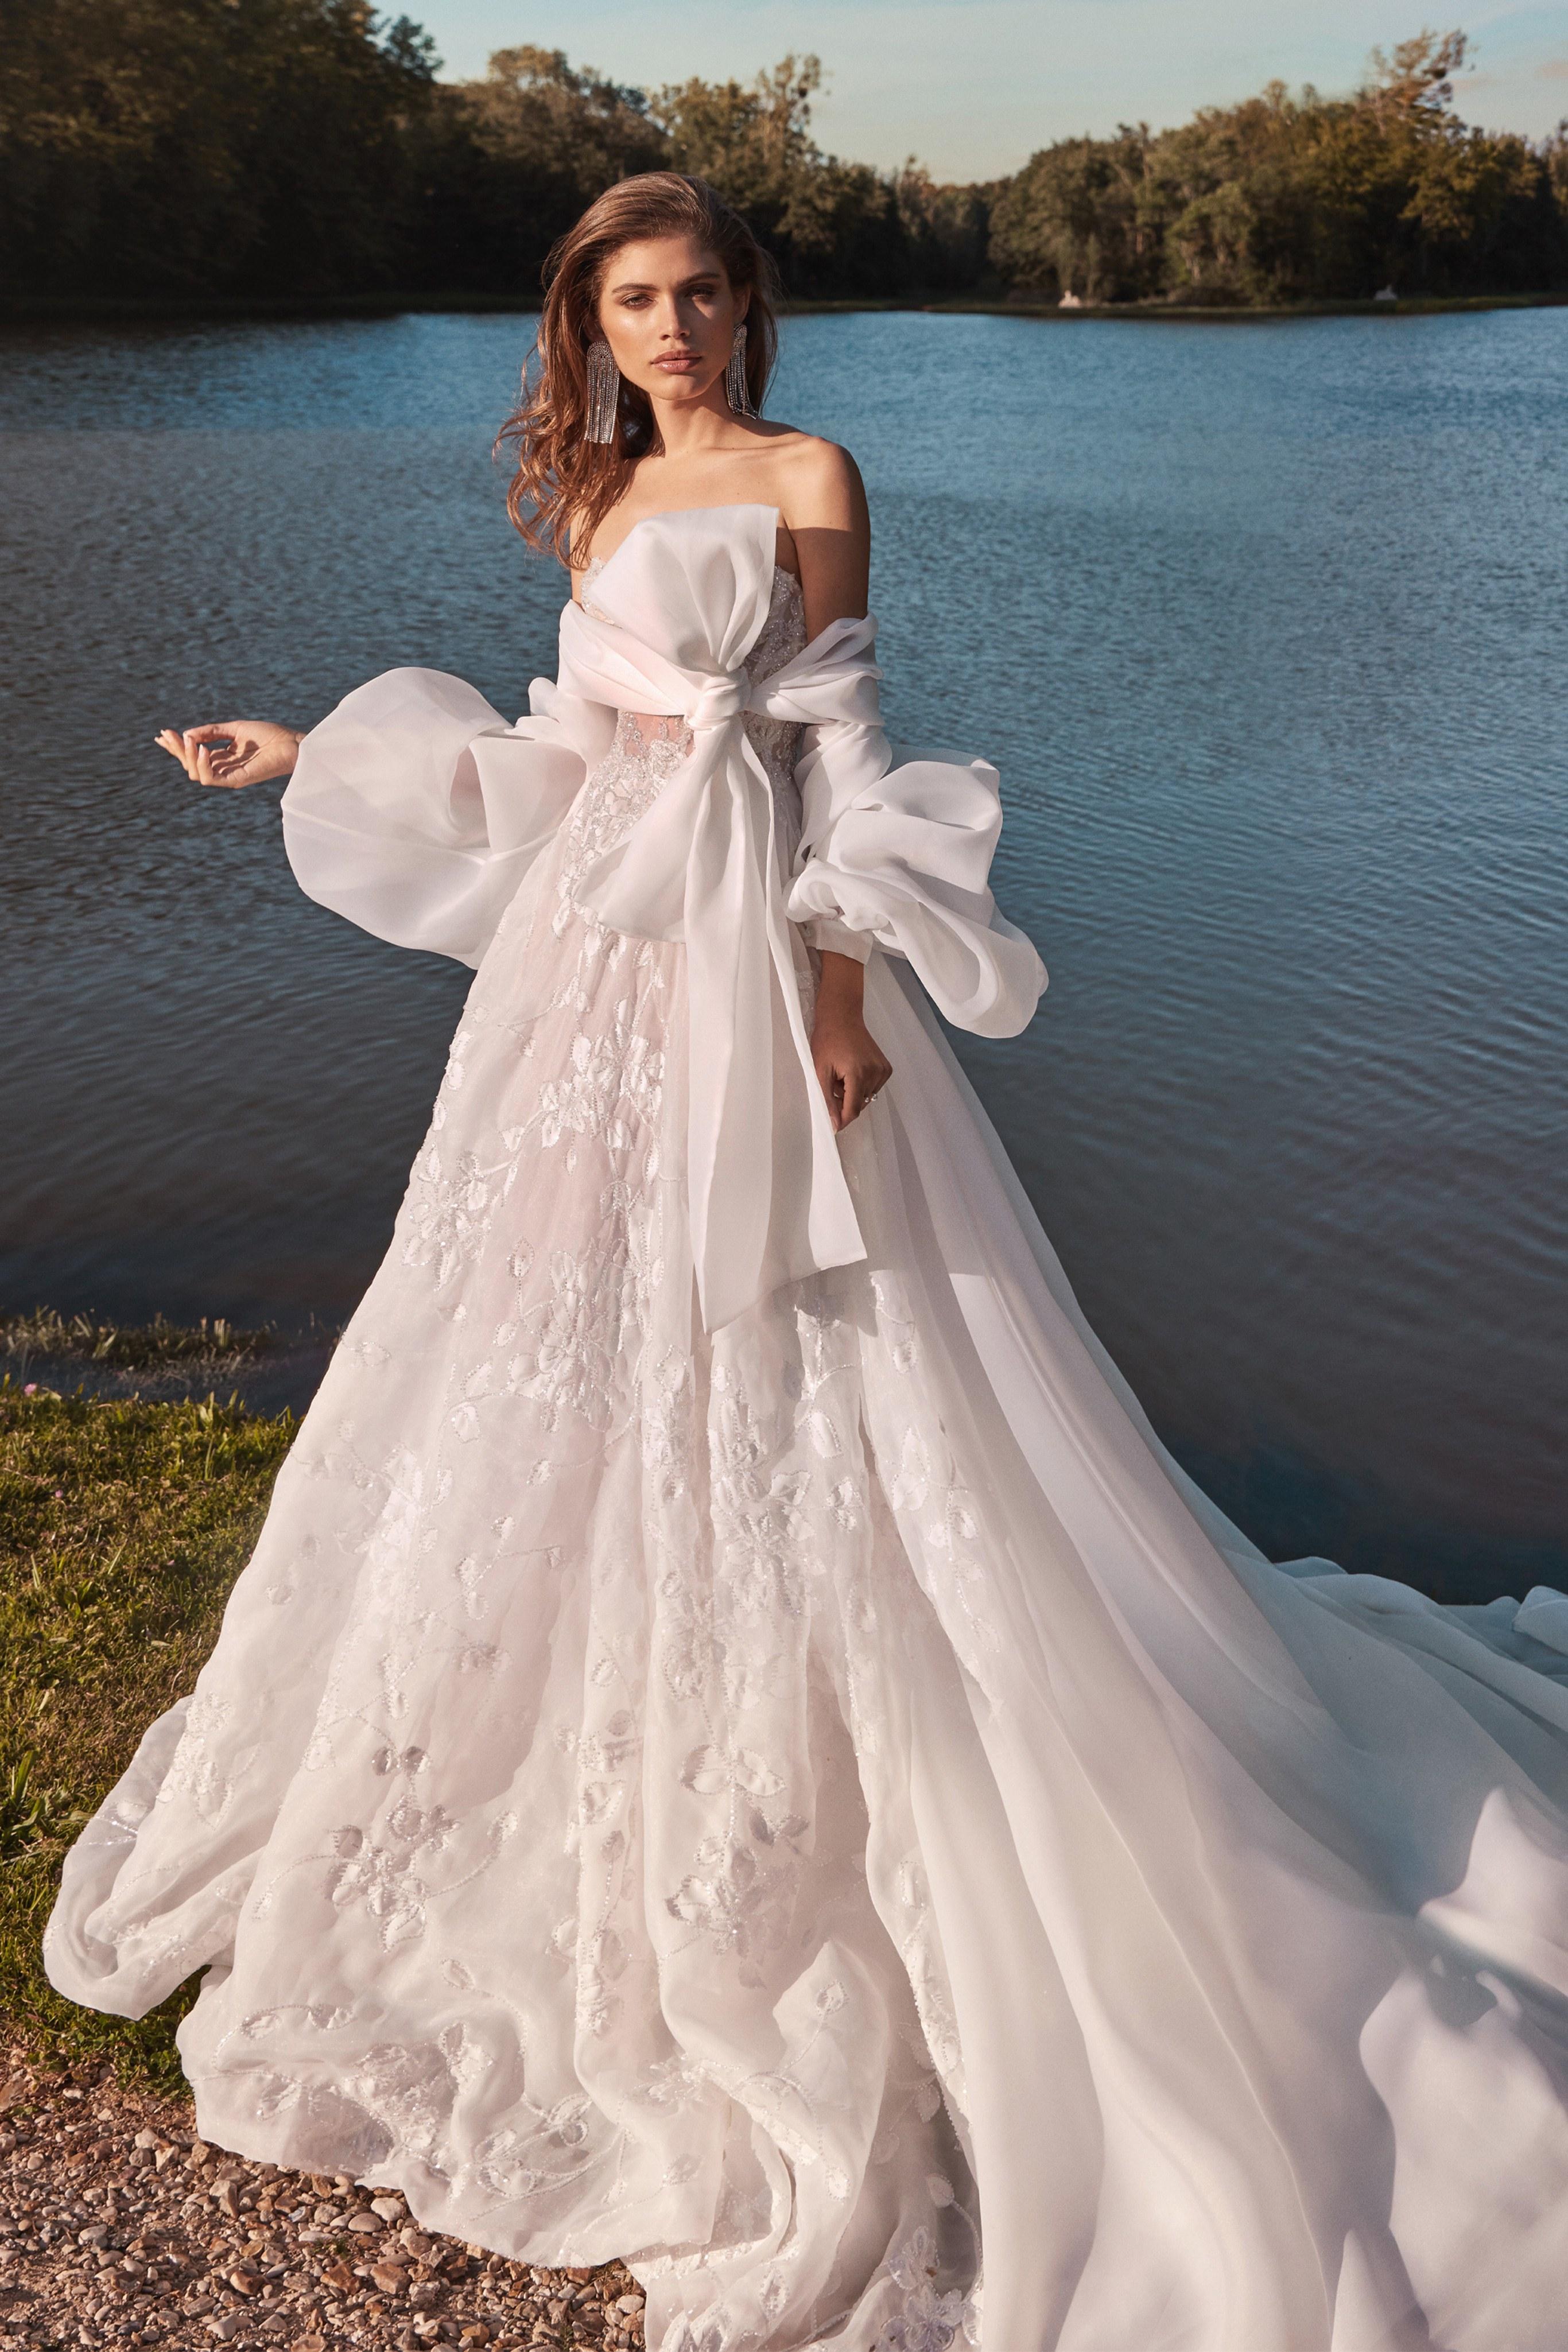 Galia Lahav Bridal Fall 2020